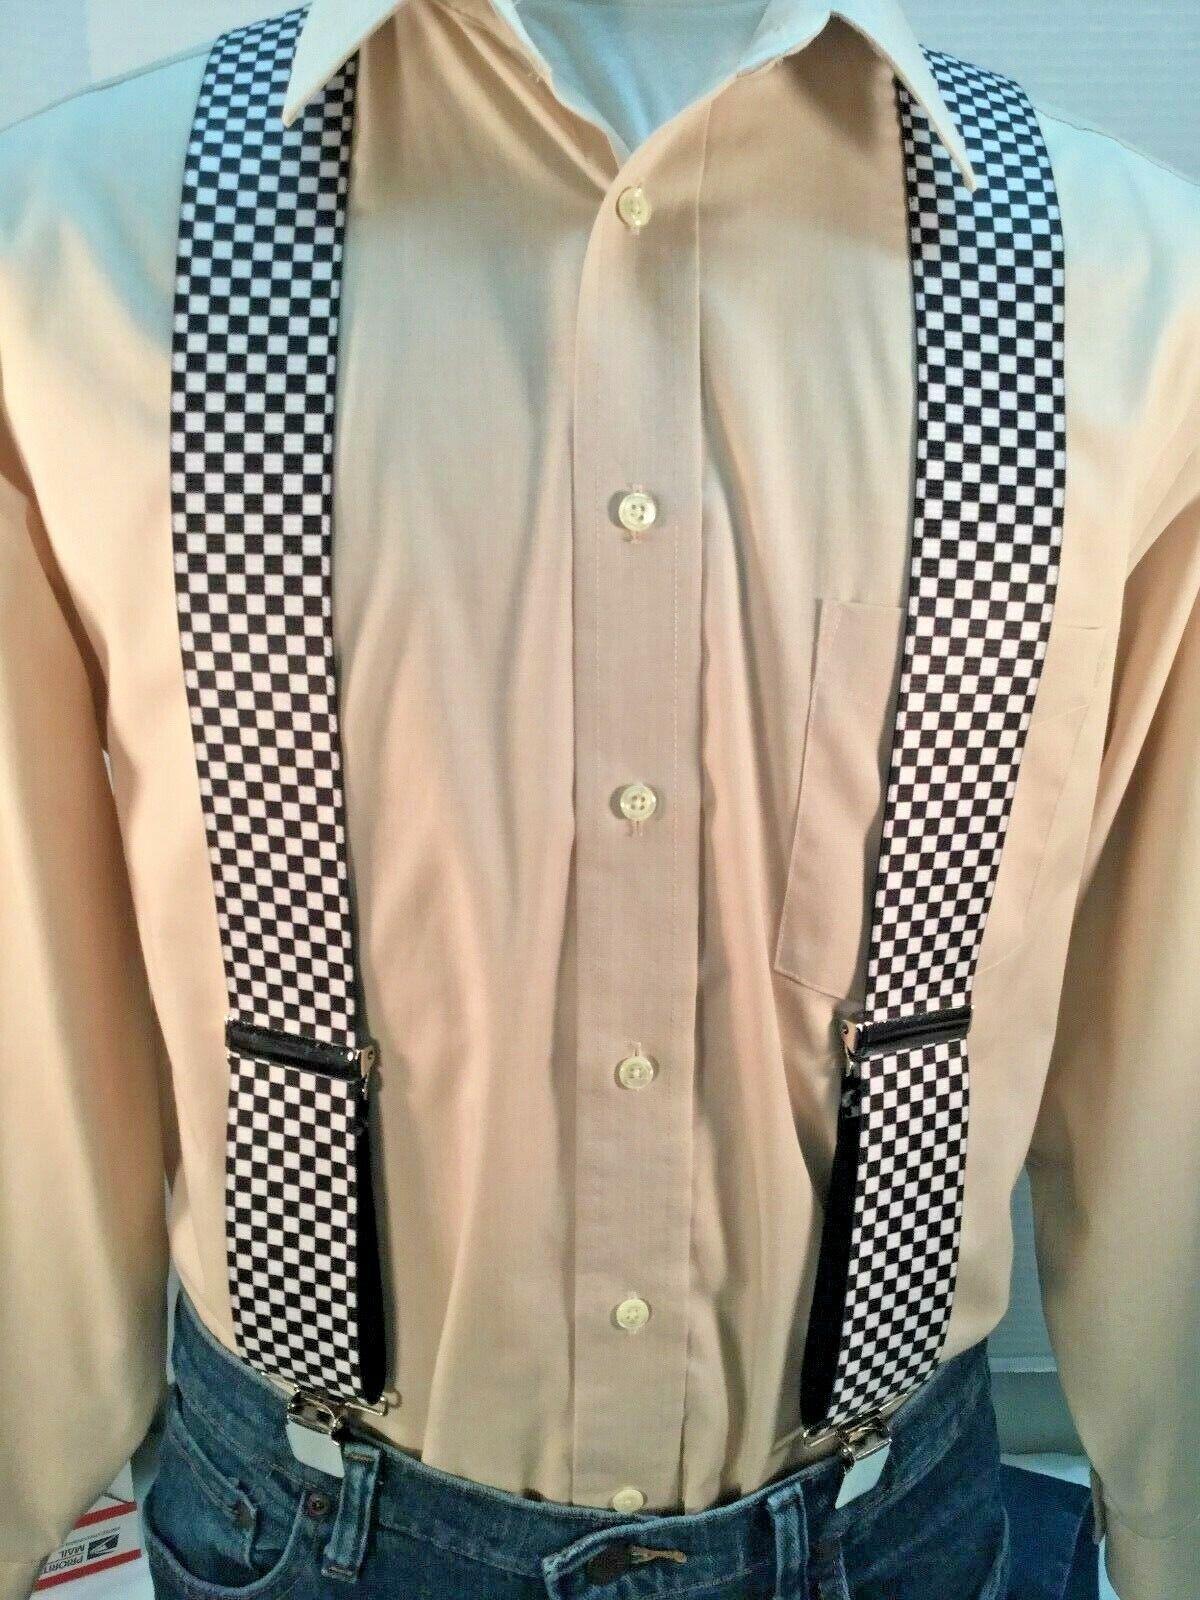 New, Men's, Black & White Checkerboard, XL, 2